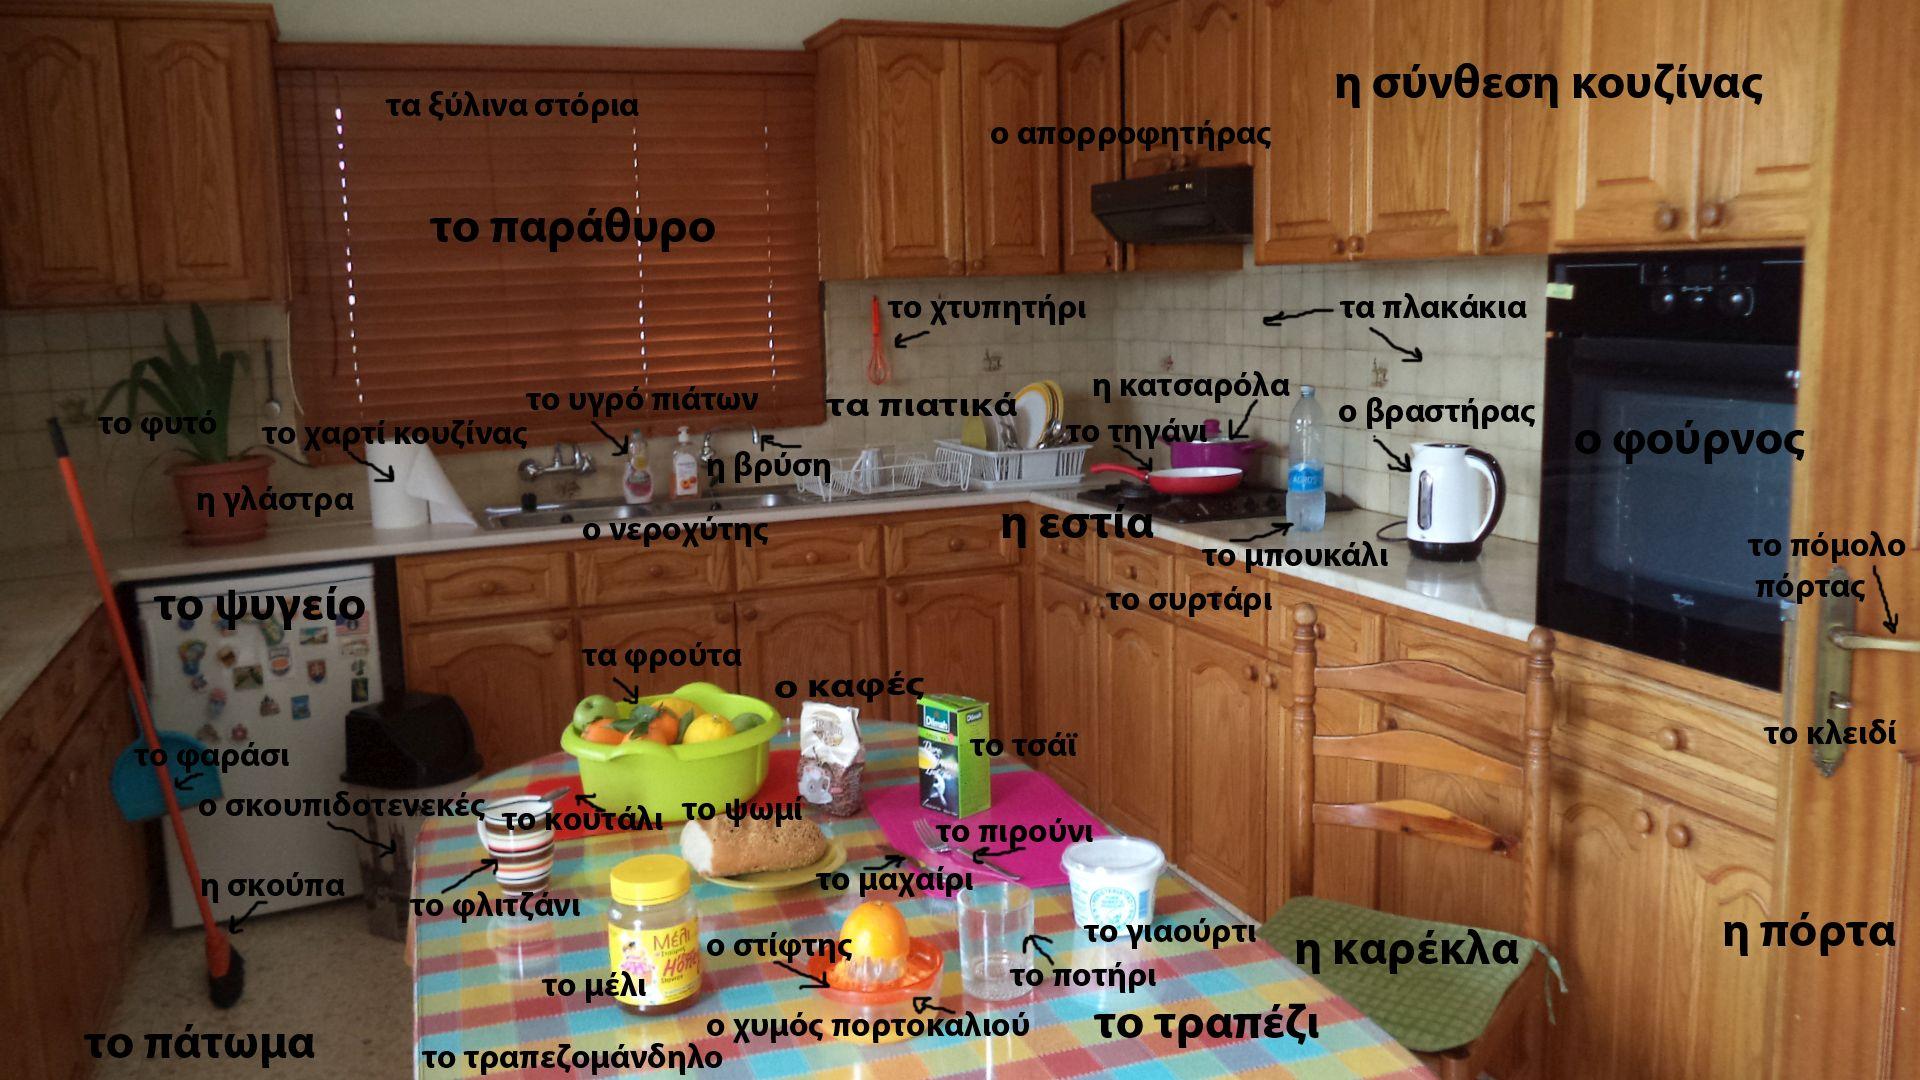 Русско-греческий словарь - Кухня